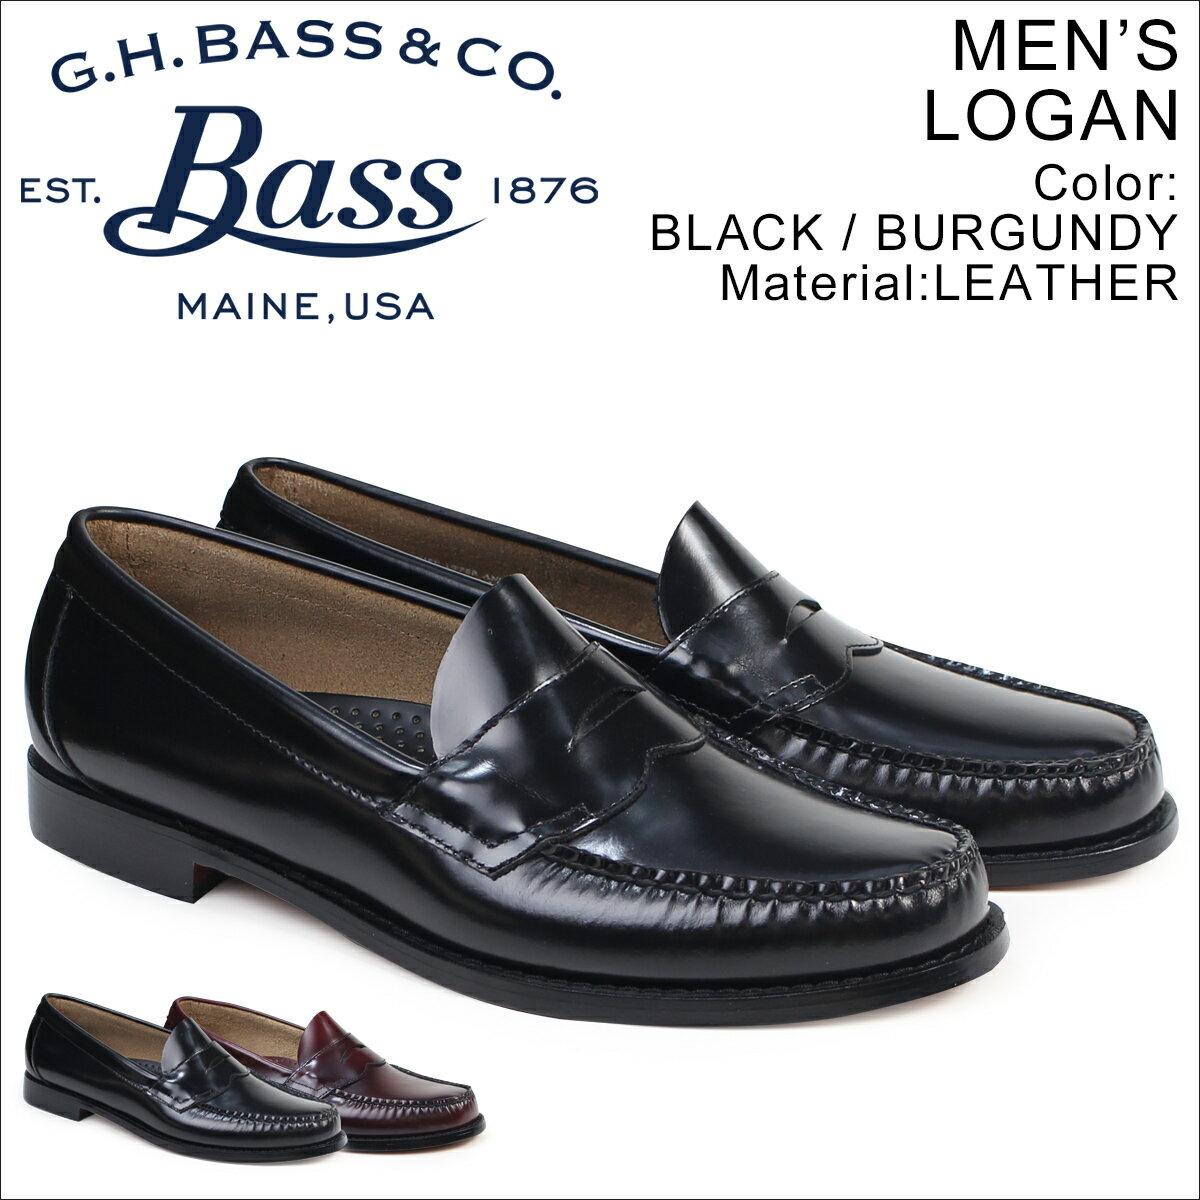 ジーエイチバス ローファー G.H. BASS メンズ LOGAN 70-10944 70-10949 靴 2カラー